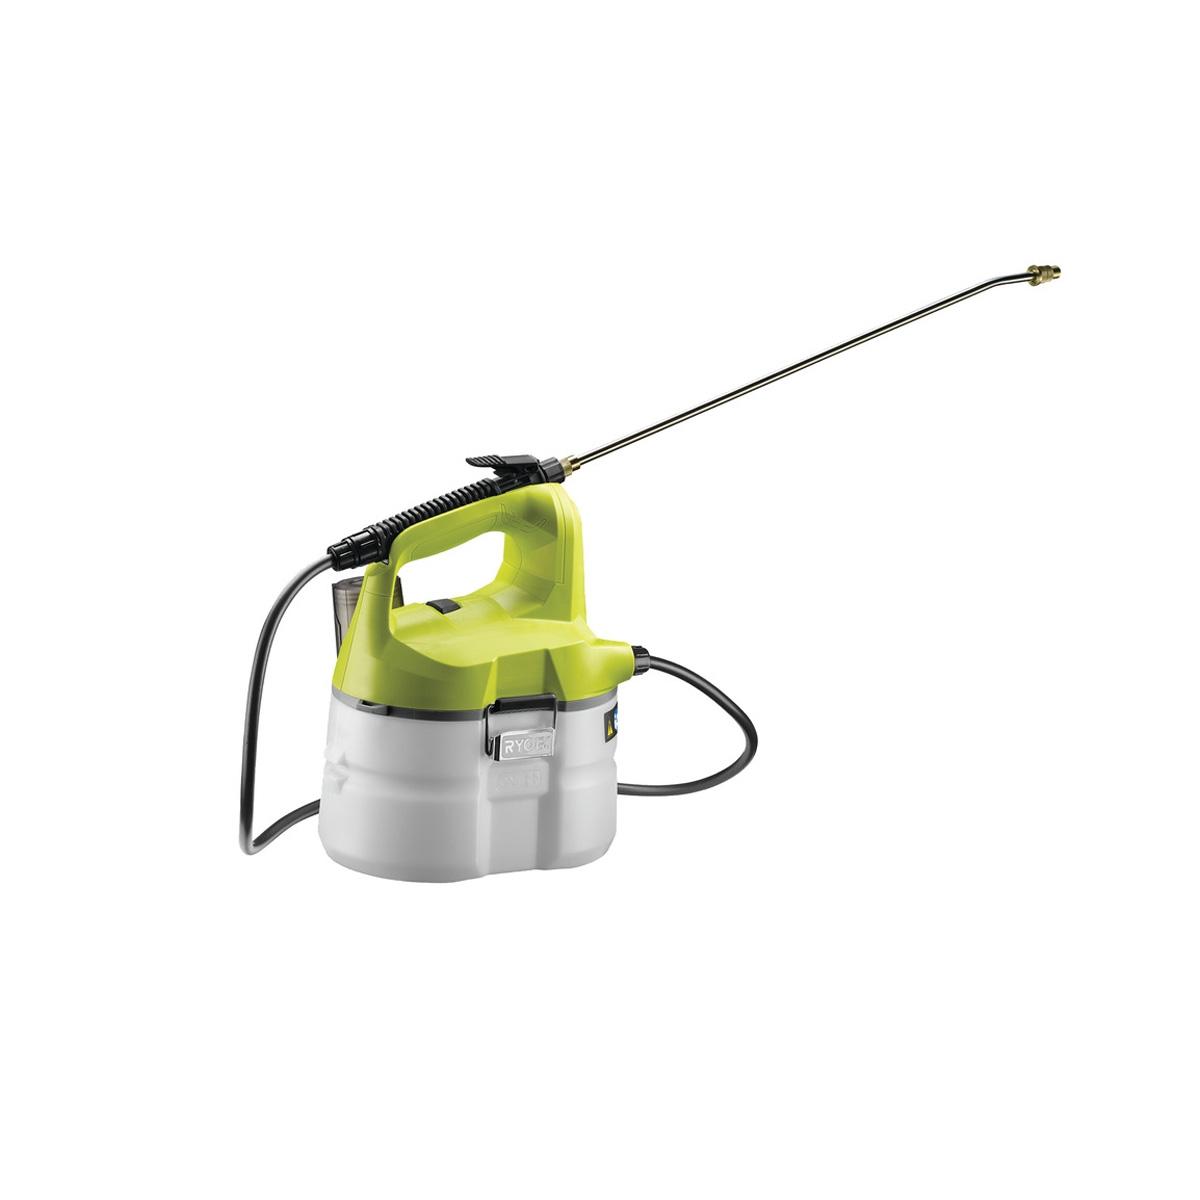 Ryobi OWS1880 18V Nebulizer